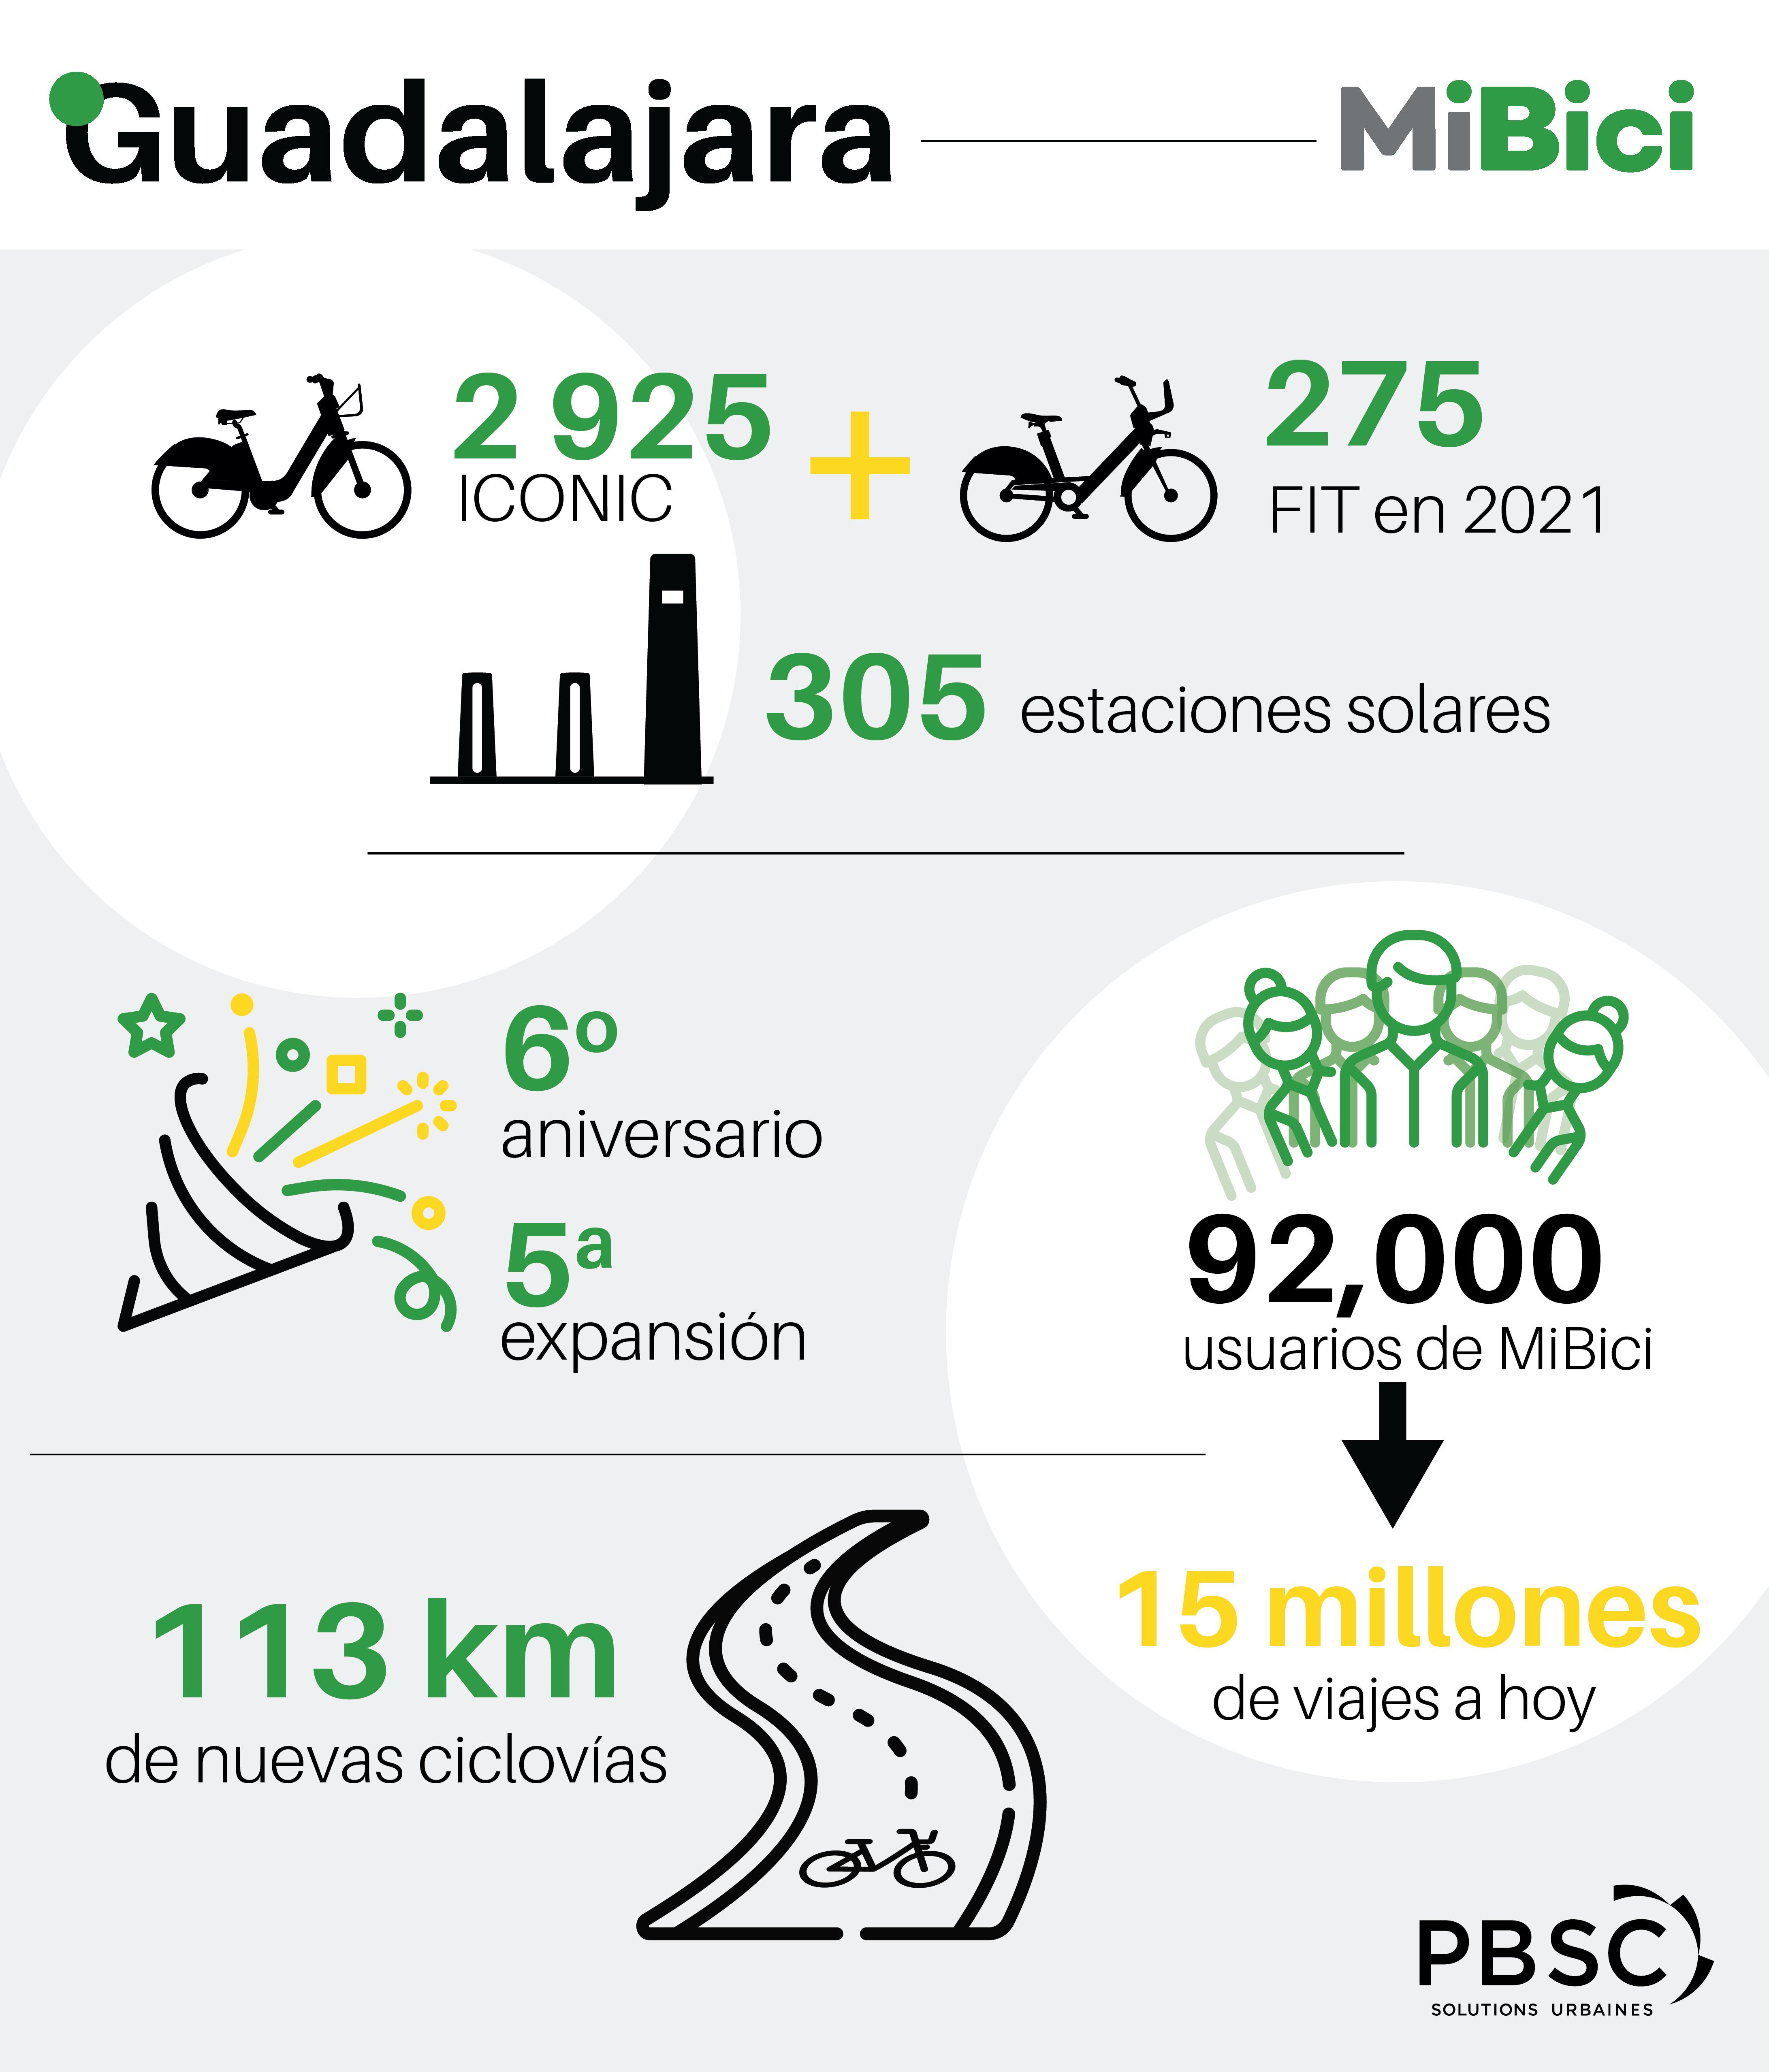 infographic_guadalajara-05.png (740 KB)